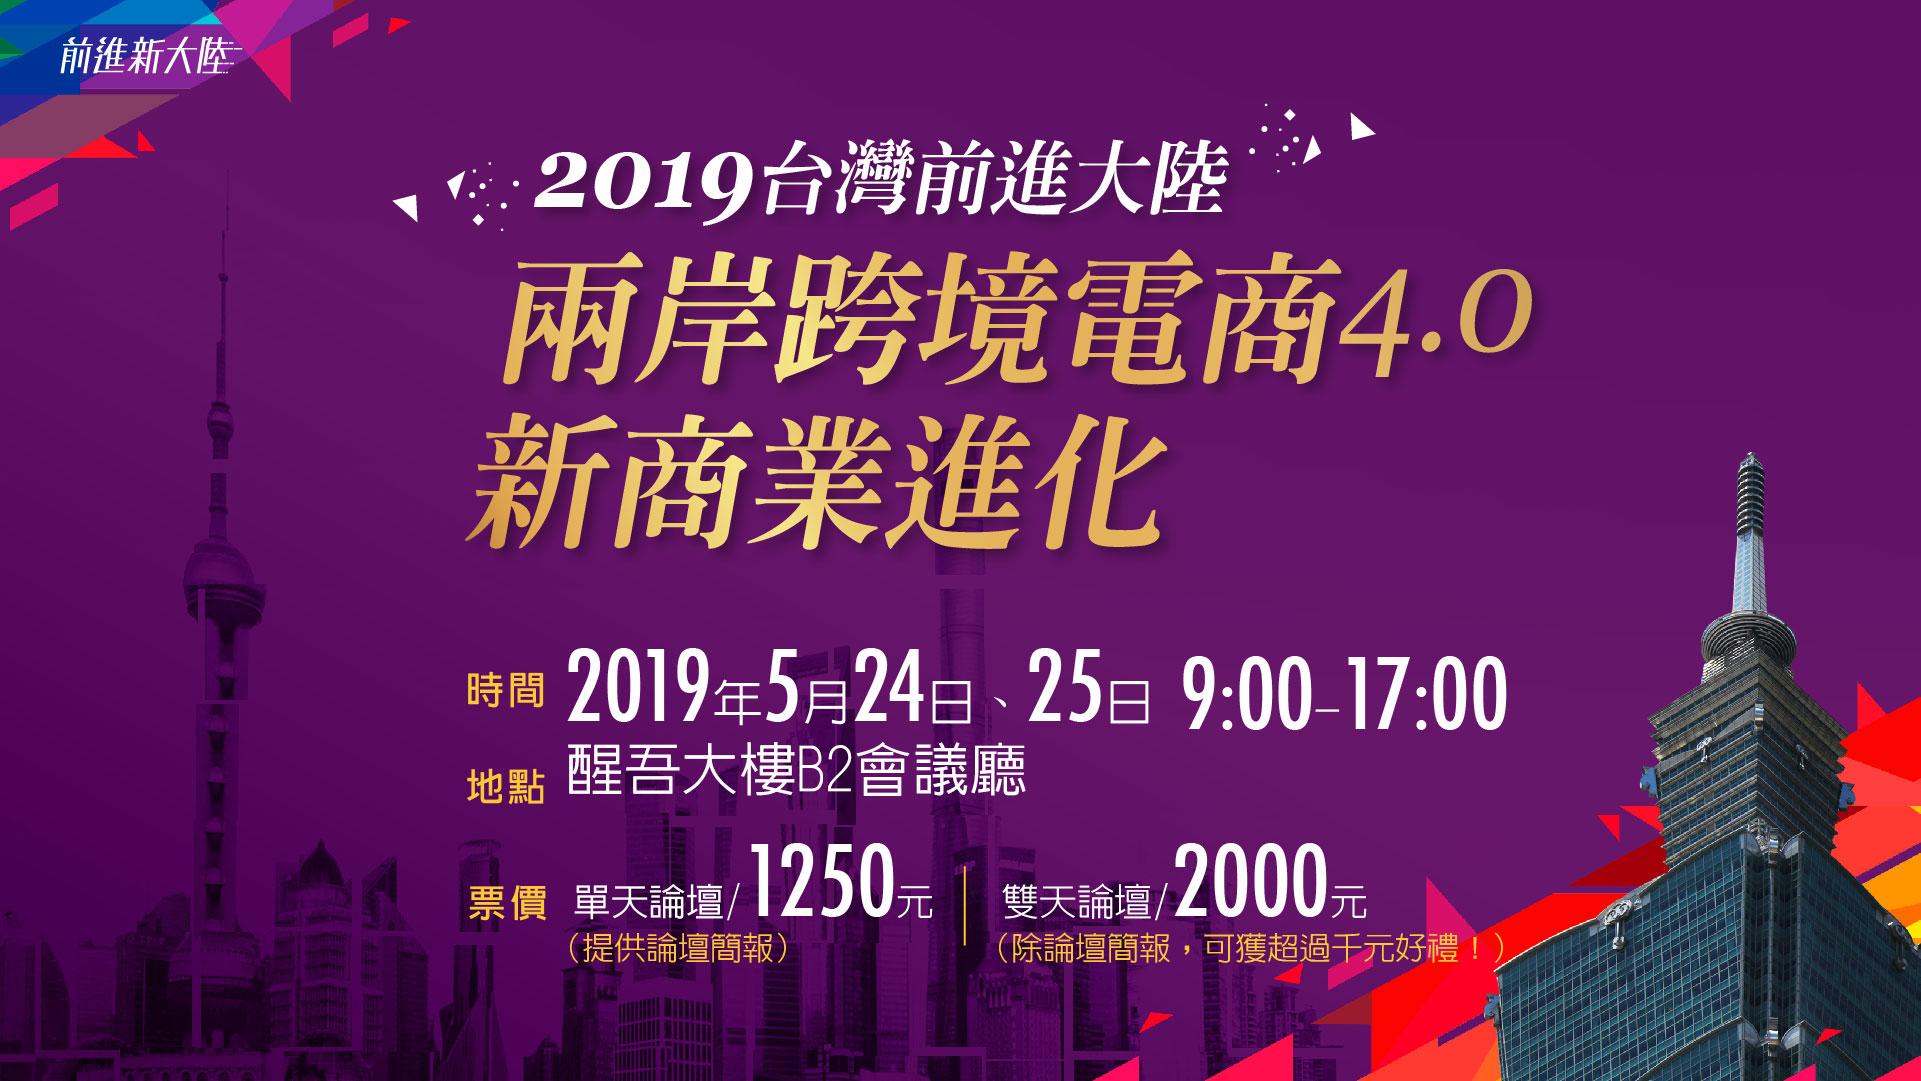 【活動推廣】報名倒數! 台灣前進大陸跨境電商、內容電商、新媒體與知識付費高峰論壇